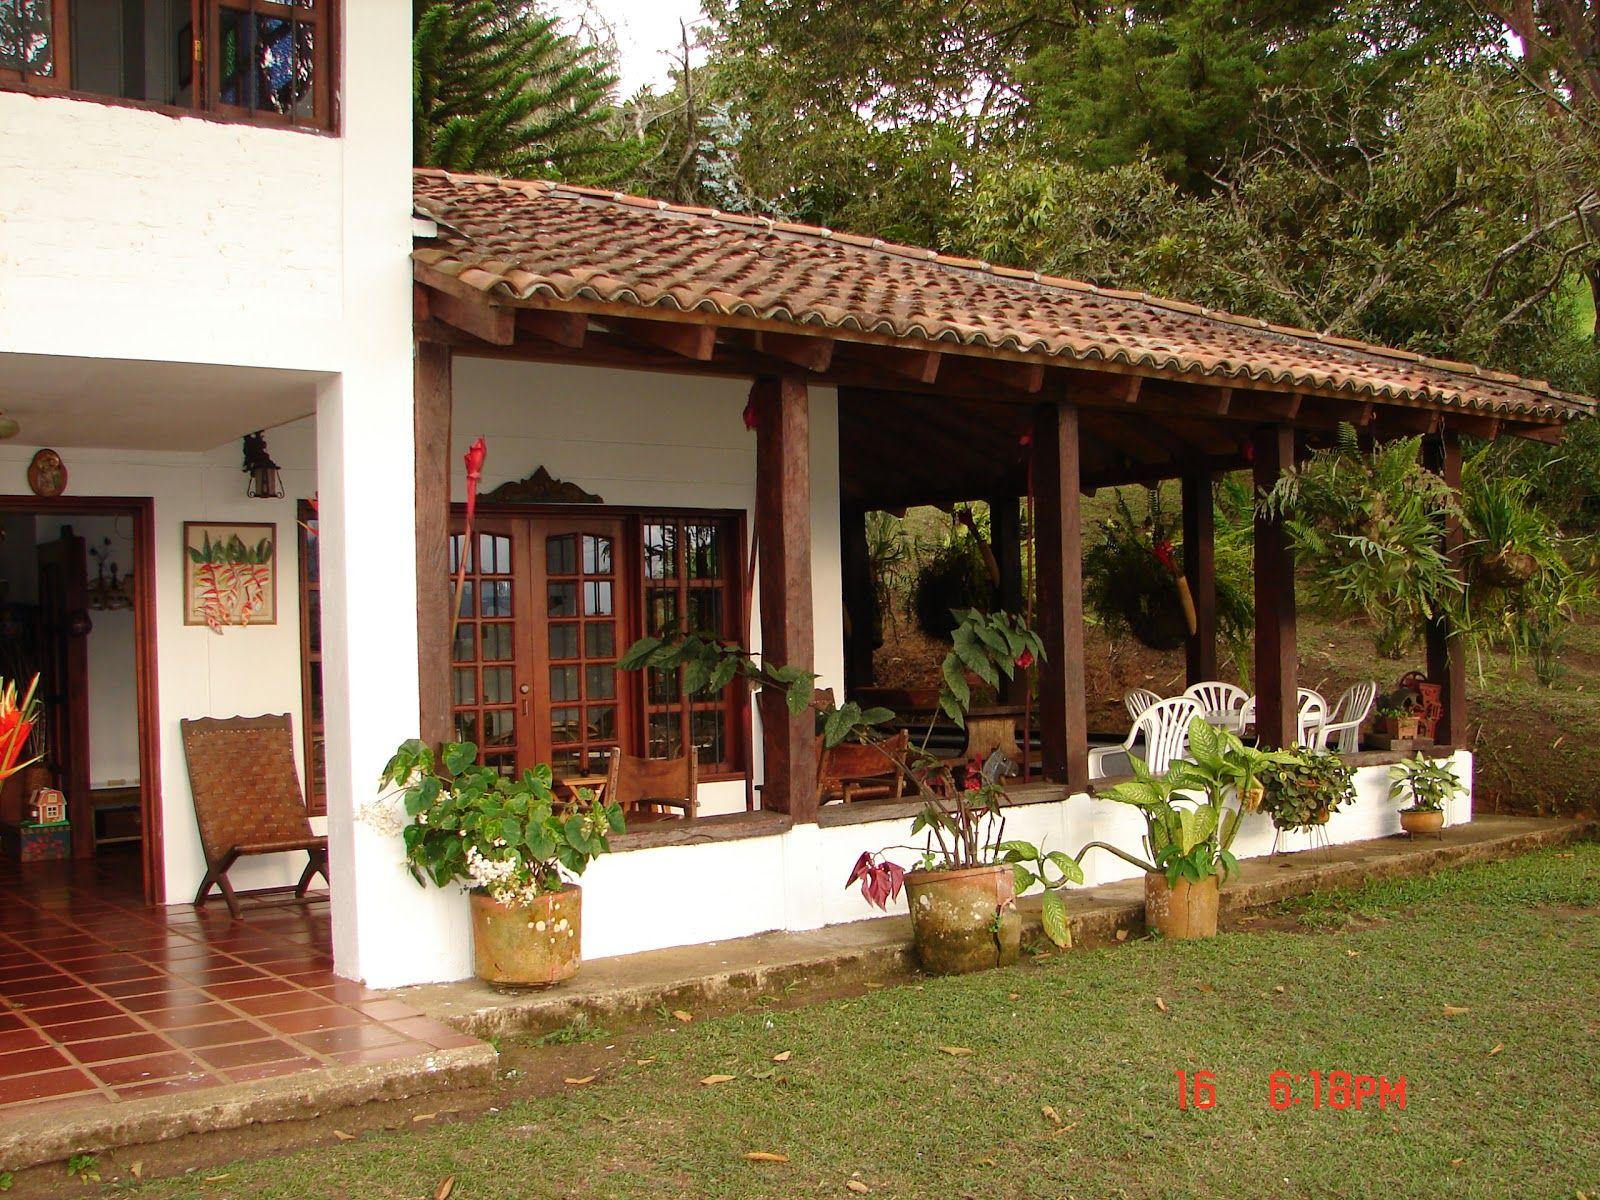 Casas campestres buscar con google ideas para casa pinterest house patios and spanish style - Ideas casas de campo ...